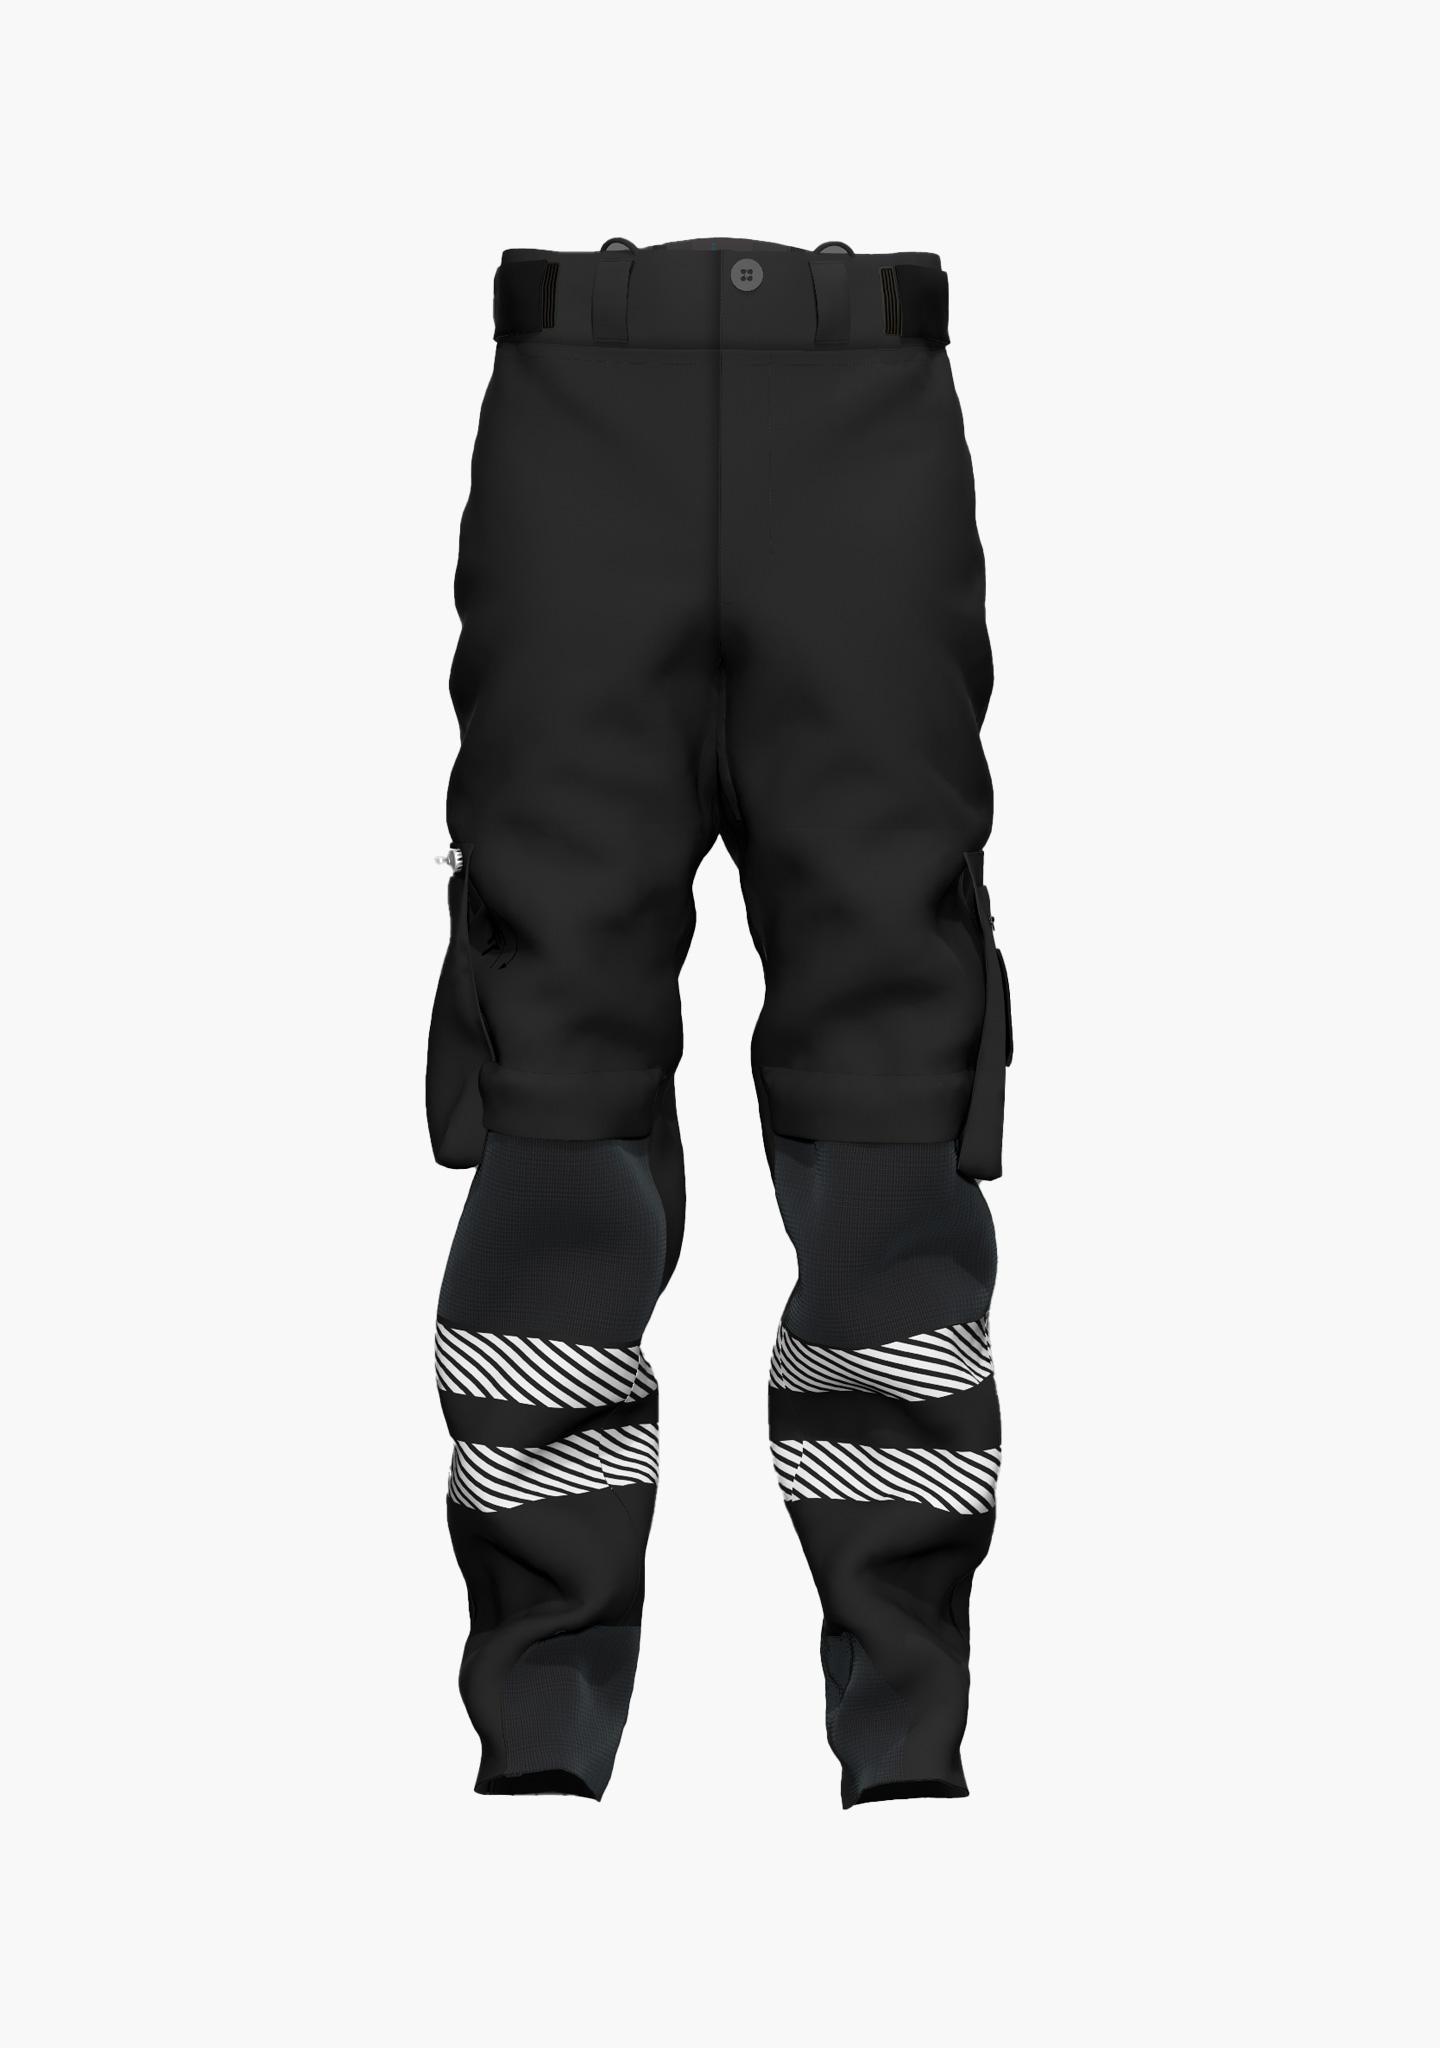 TiNEZ Workwear KASKASI (IL) - Regenhose